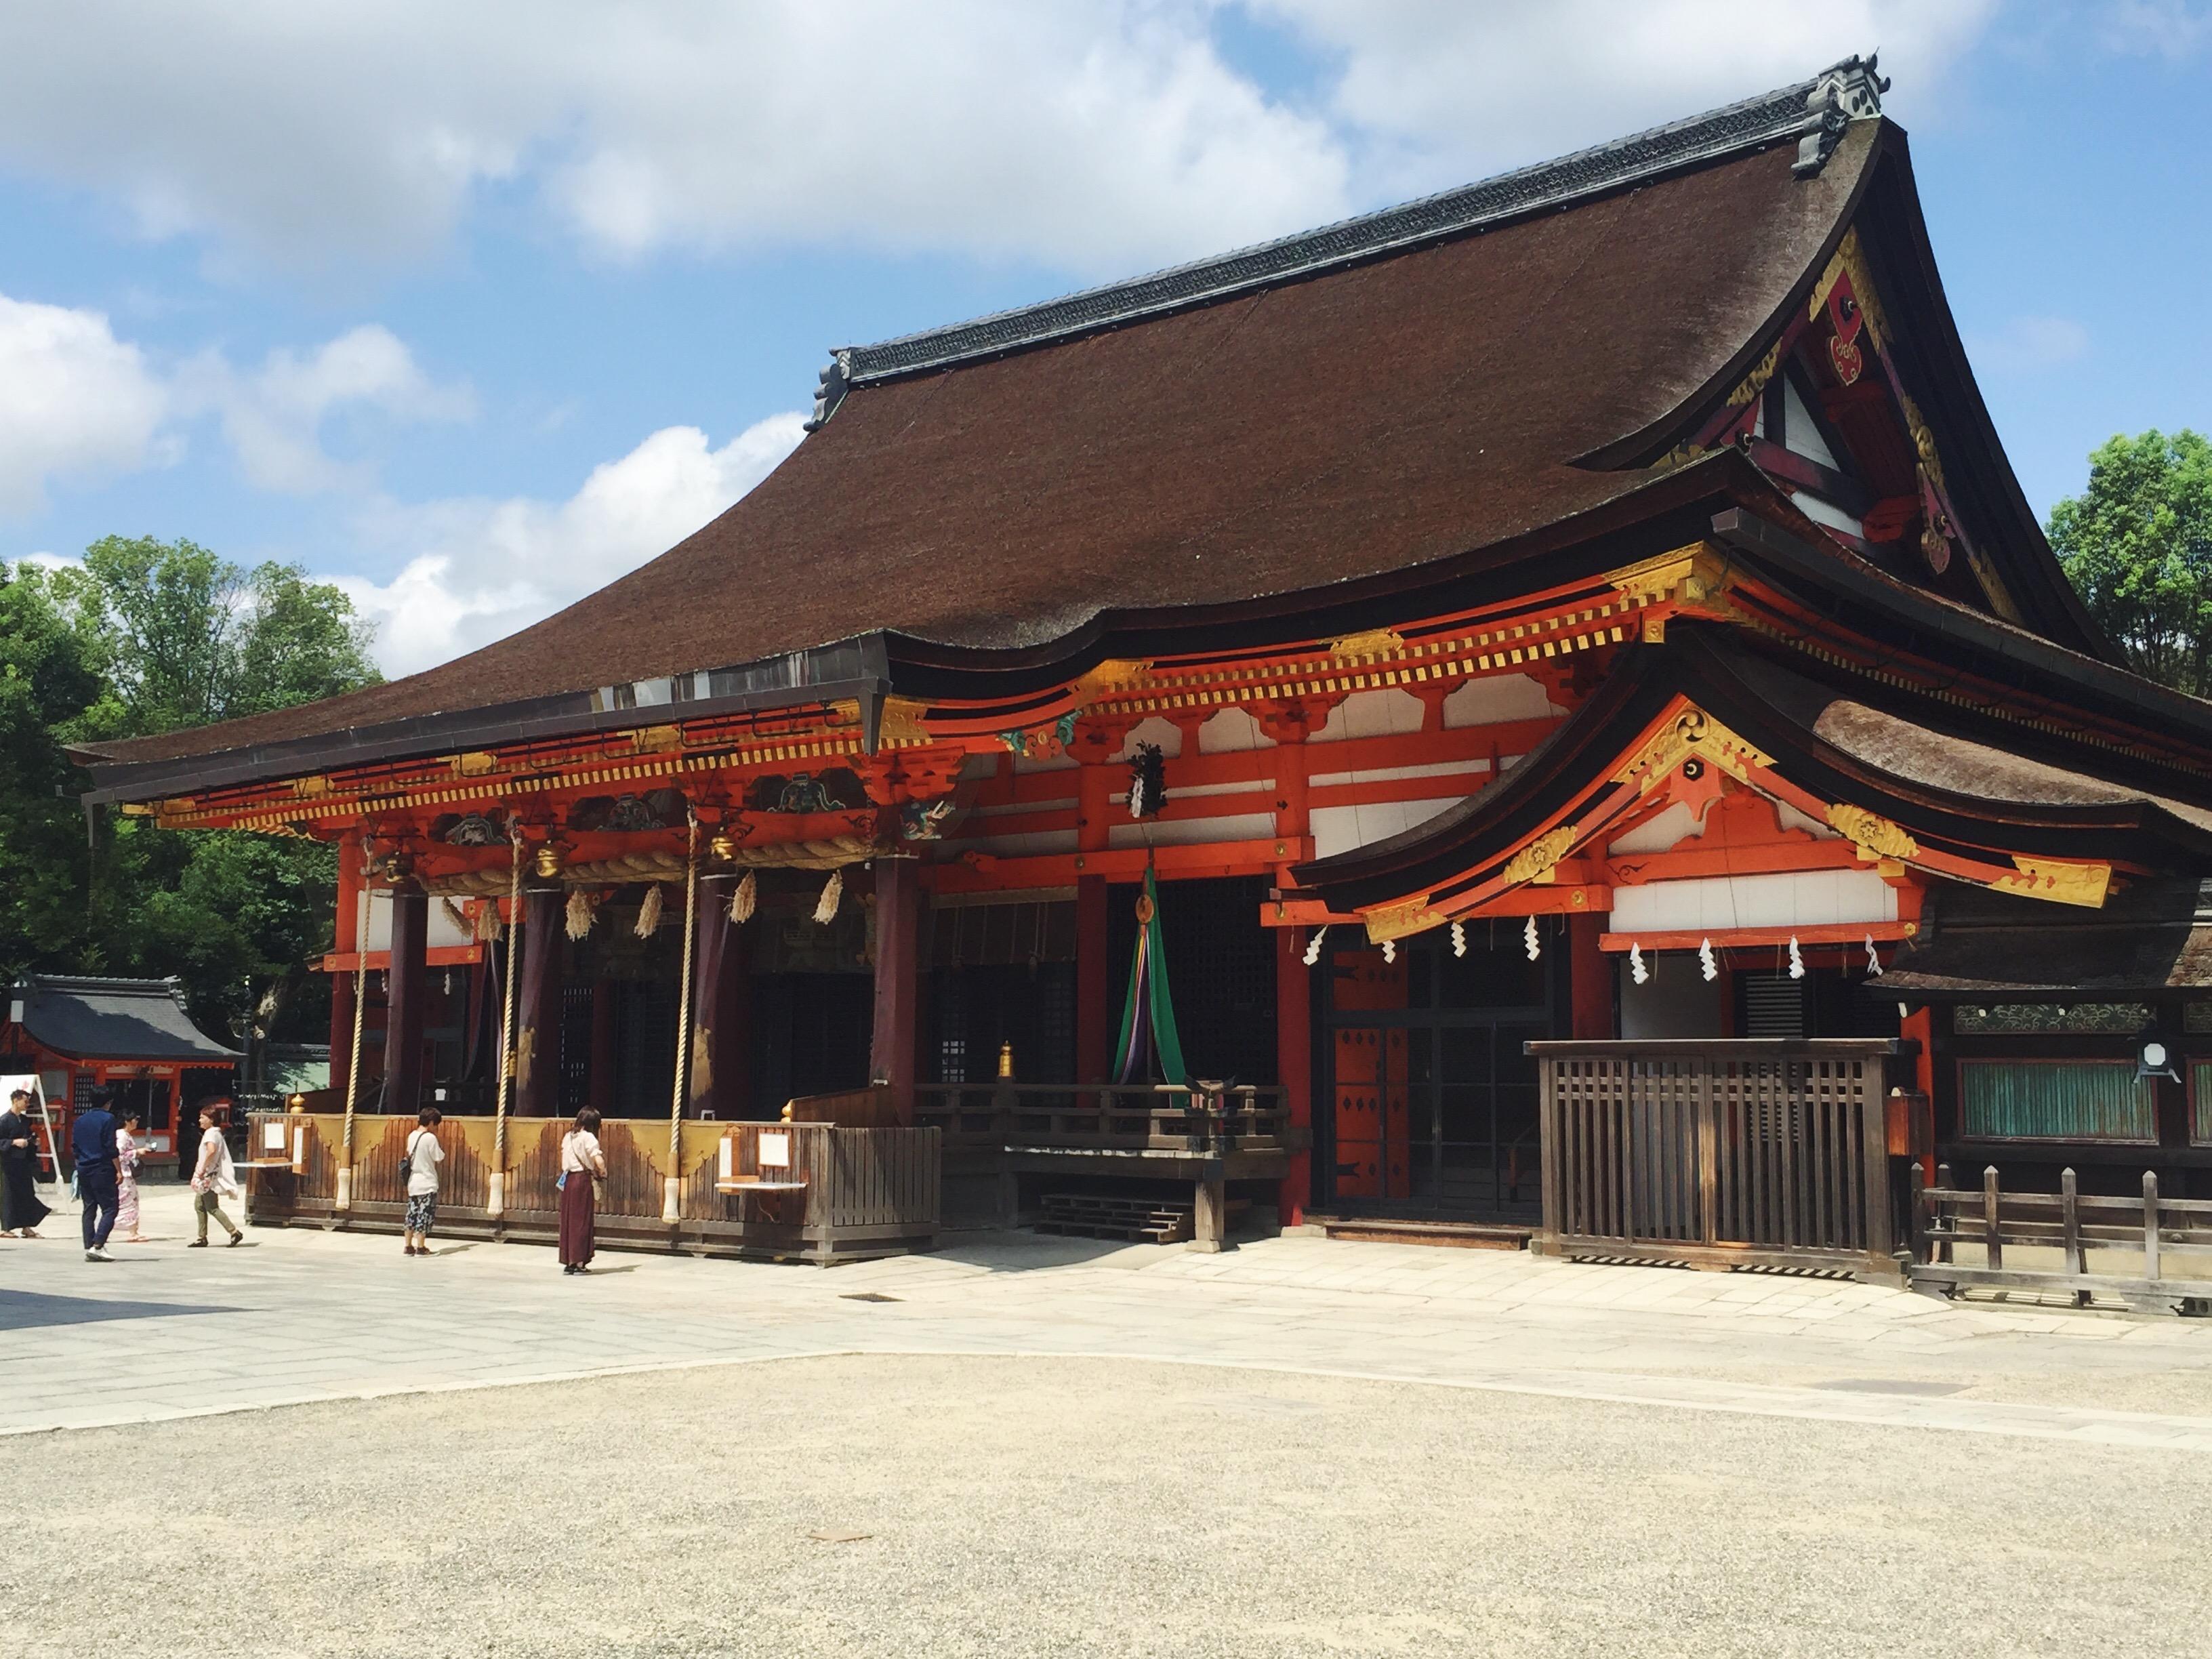 Muslim-halal-travel-Kyoto-Yasaka-Shrine-Main-Hall.jpg